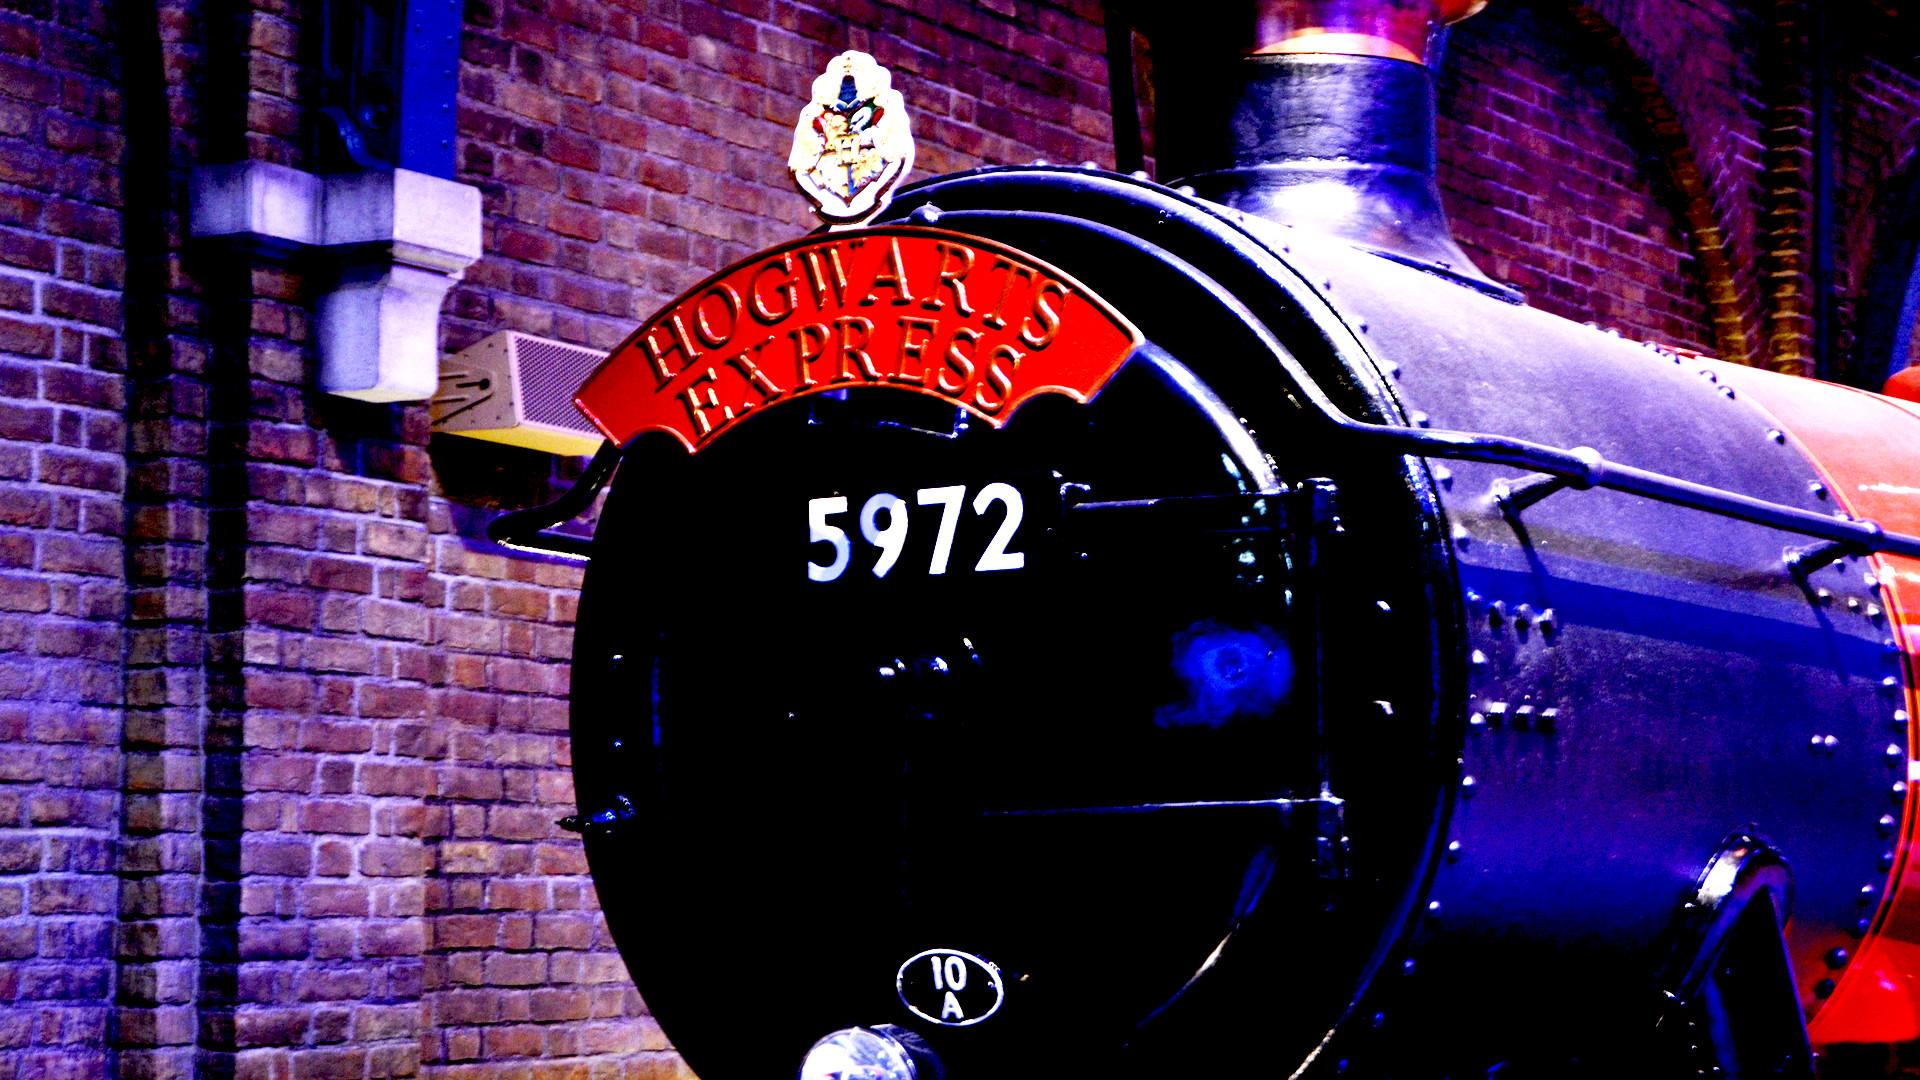 Hogwarts Express (Foto: Sabina Schneider)